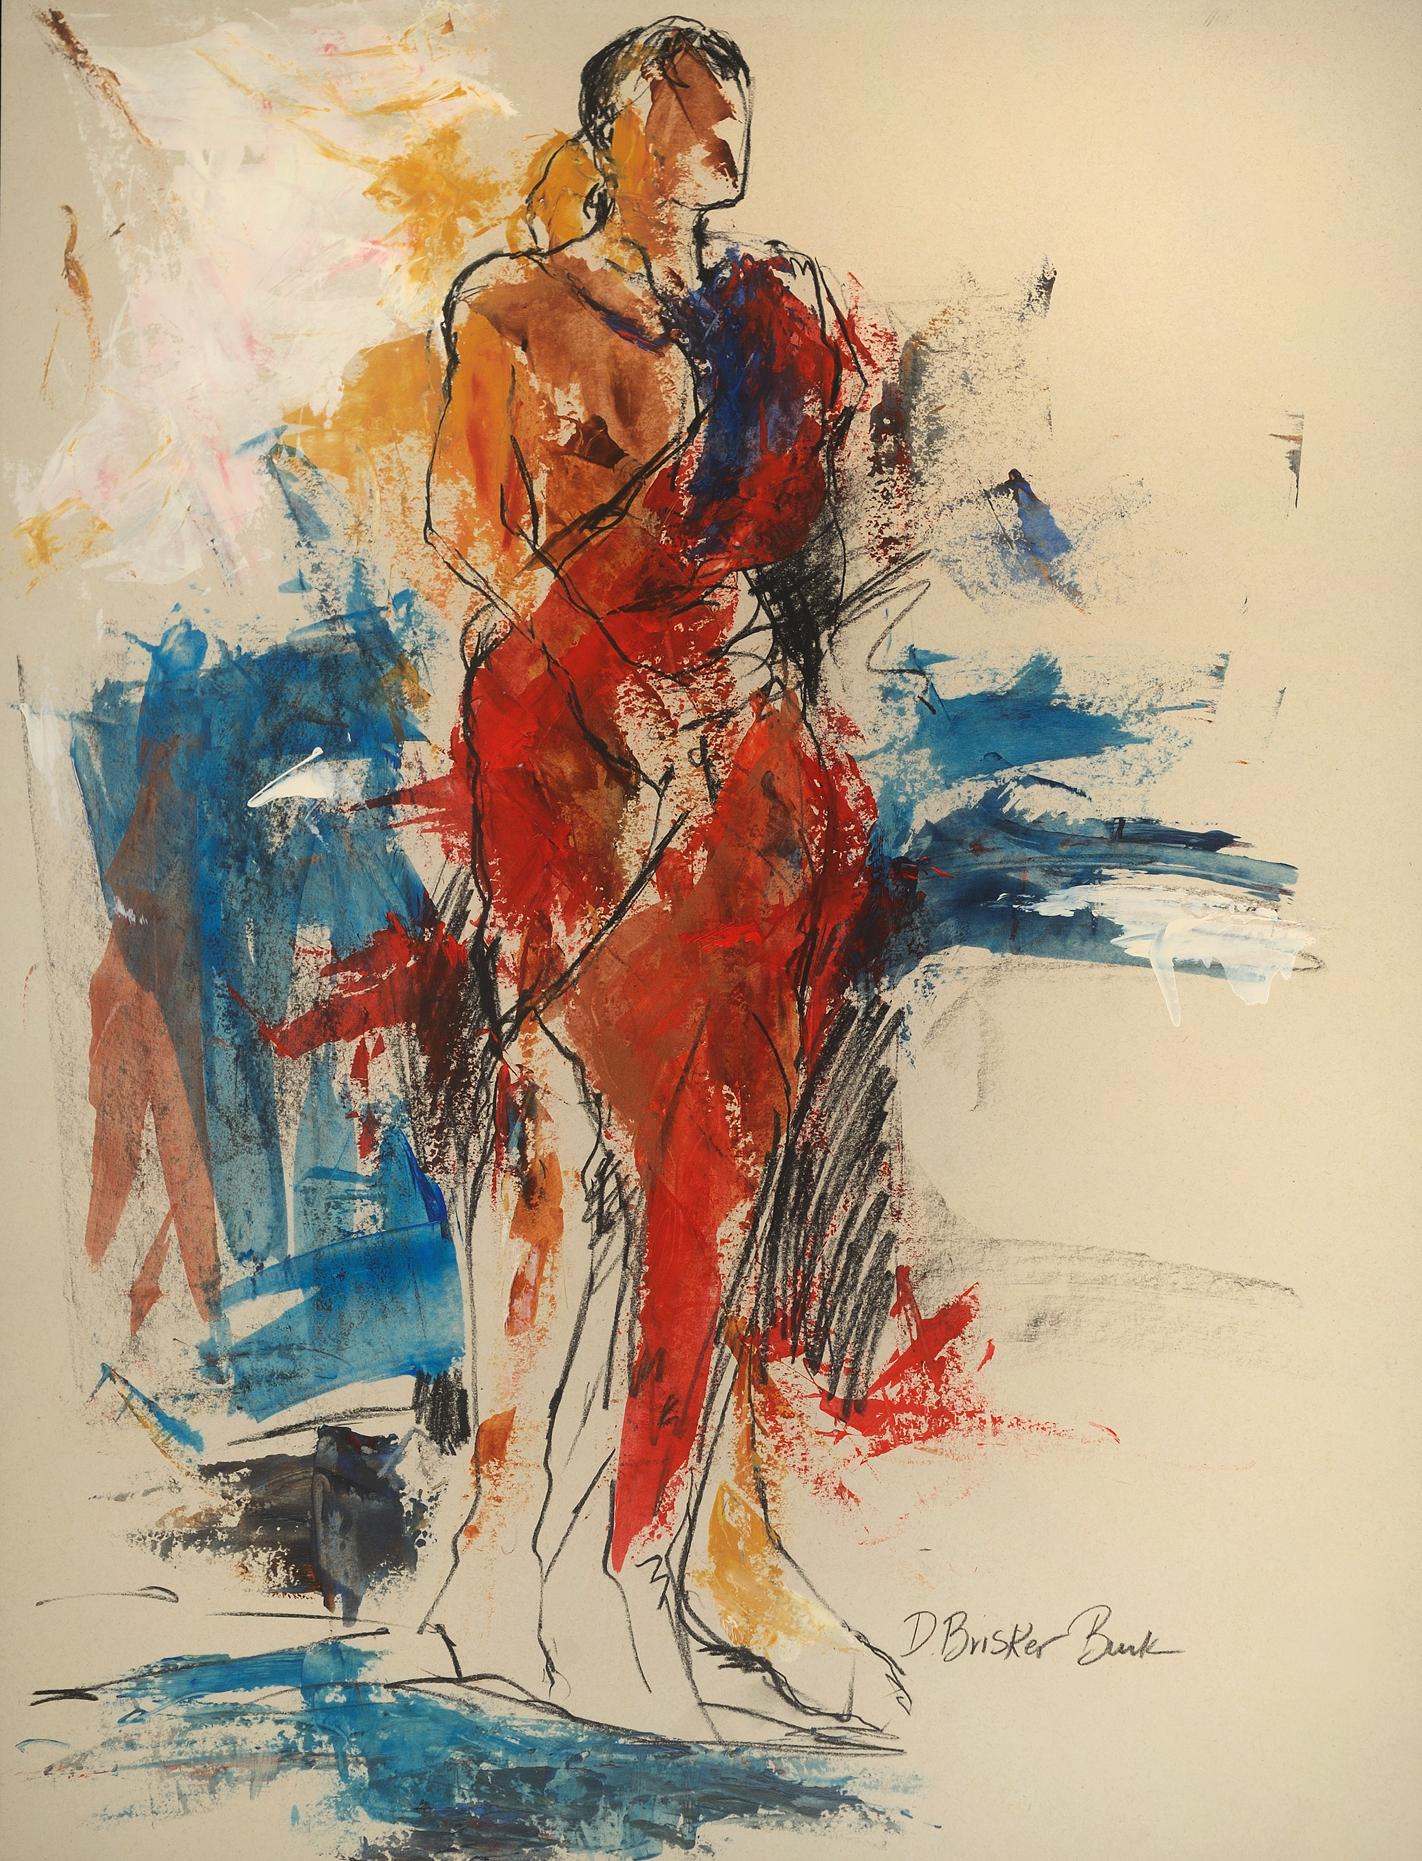 Bodyscape II 26X20 male figure mixed media on paper by Deborah Brisker Burk - large